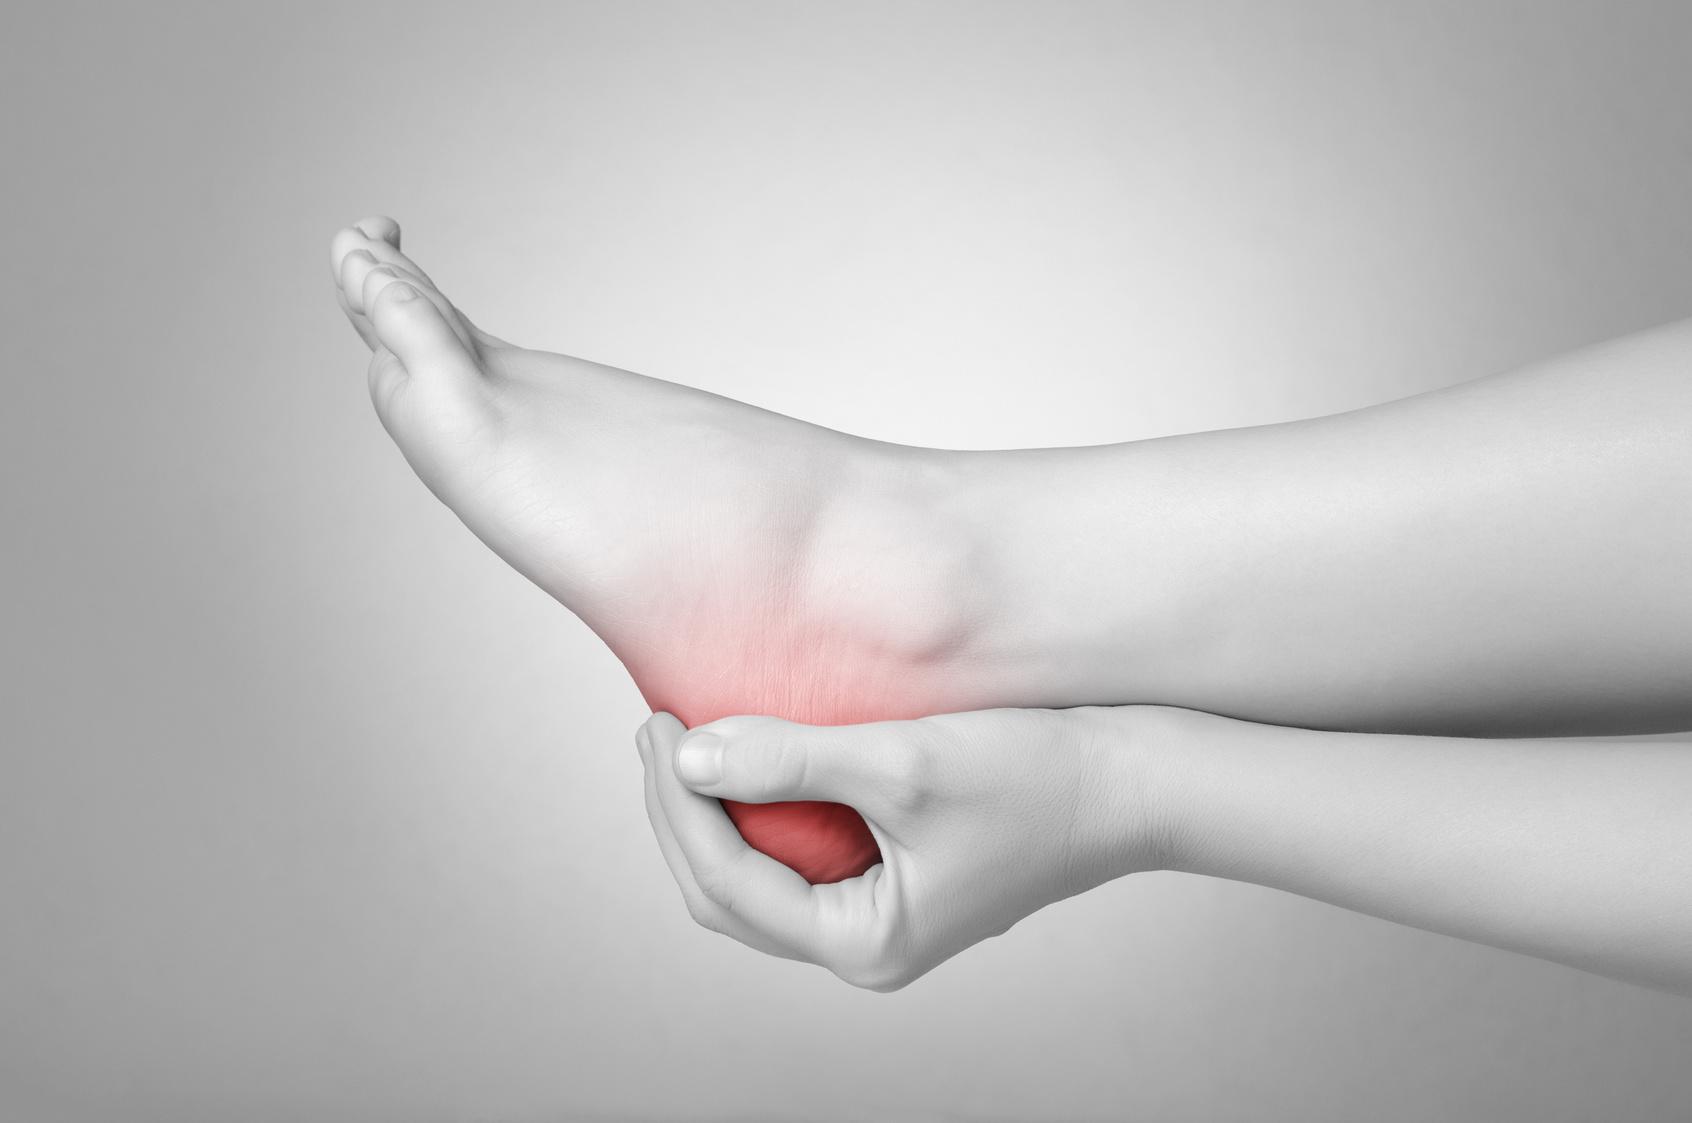 fájdalom a láb térdízületében